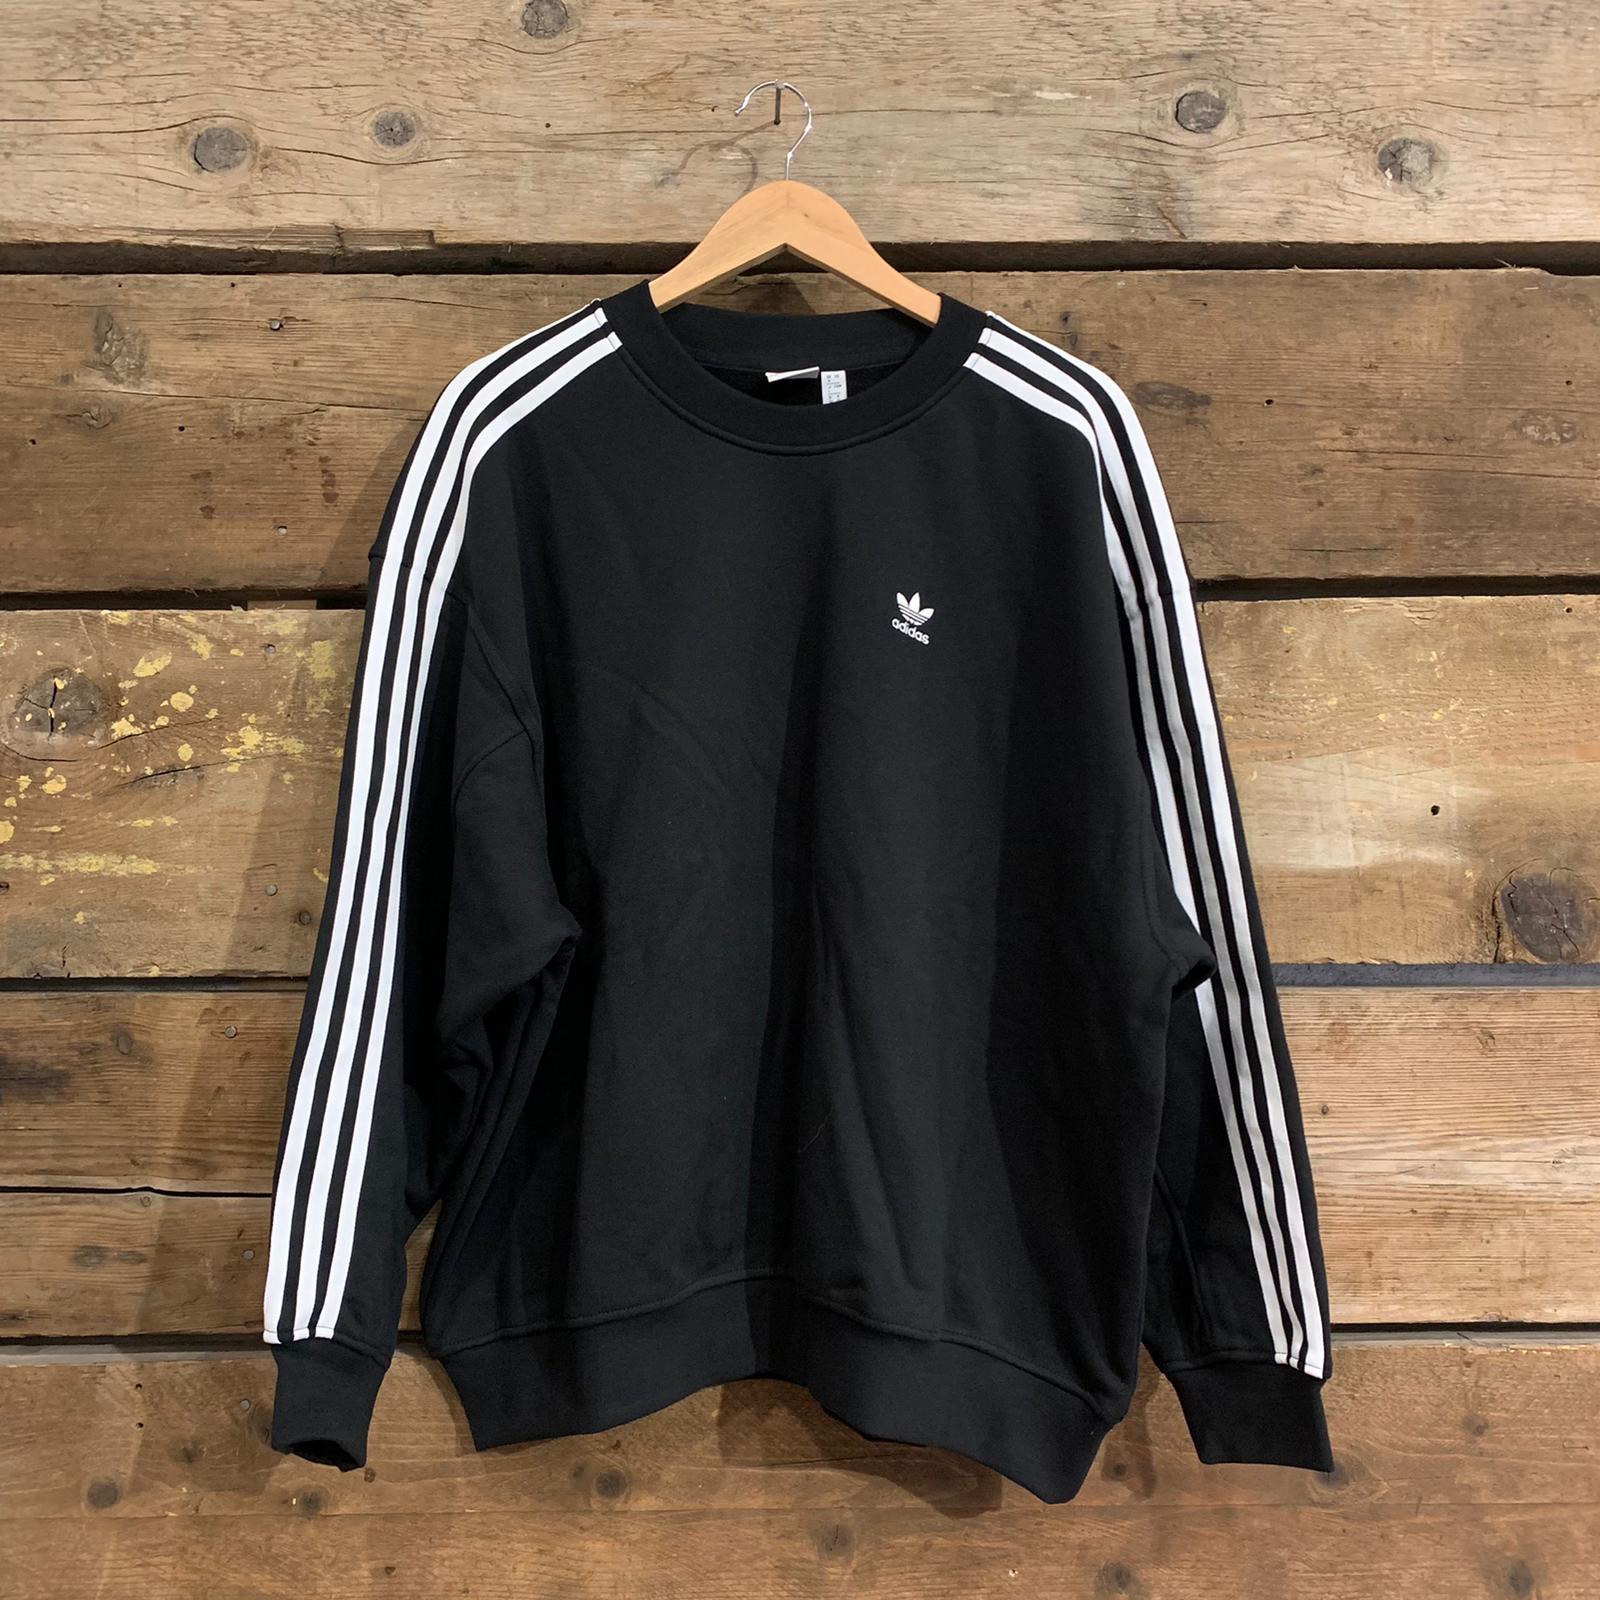 Felpa Adidas Originals OS Sweatshirt Nera e Bianca